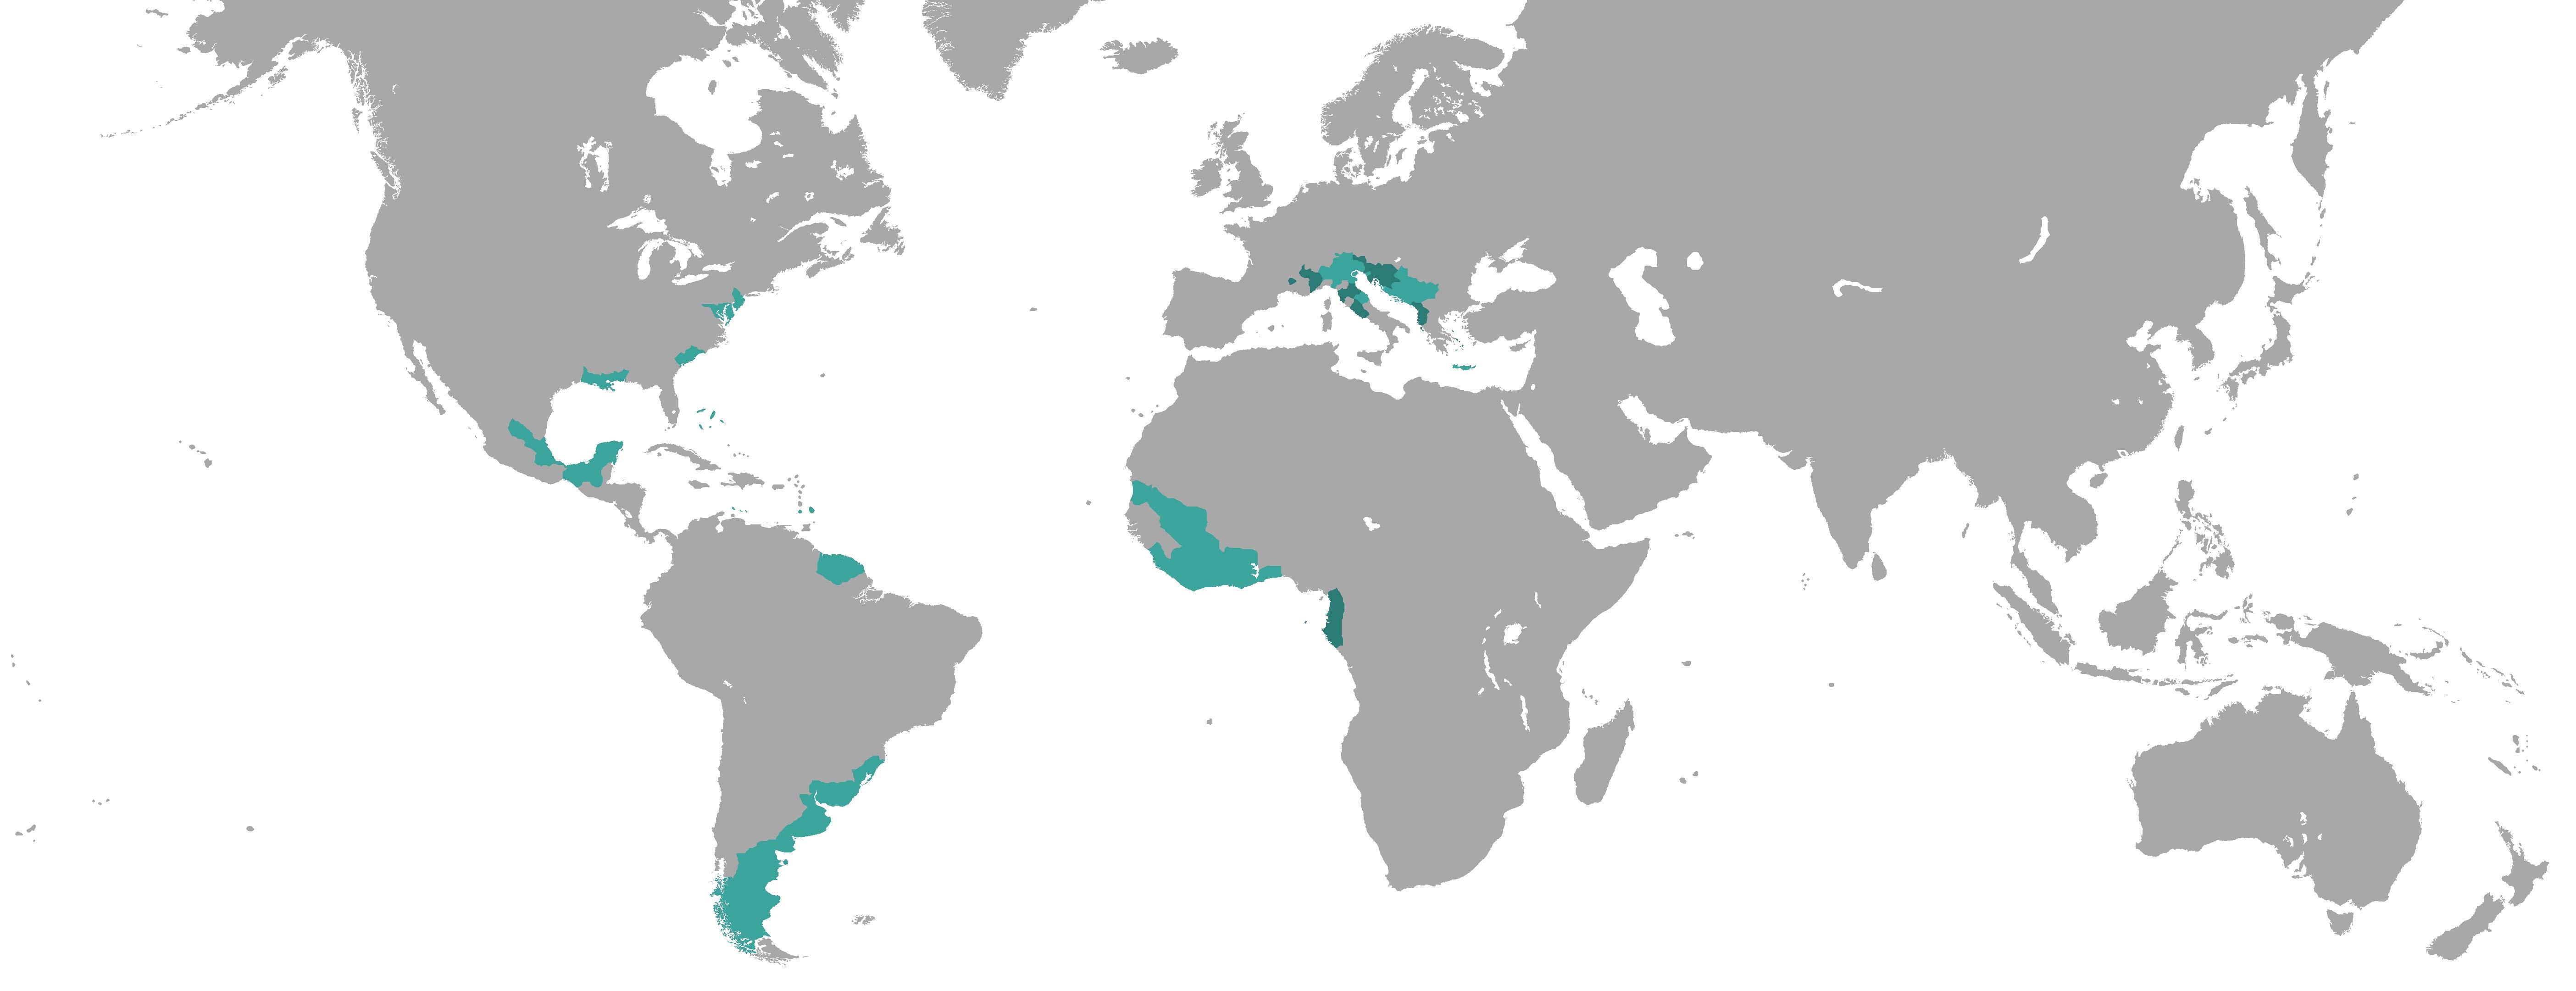 EU3_MAP_VEN_1568.8.5_4.jpg